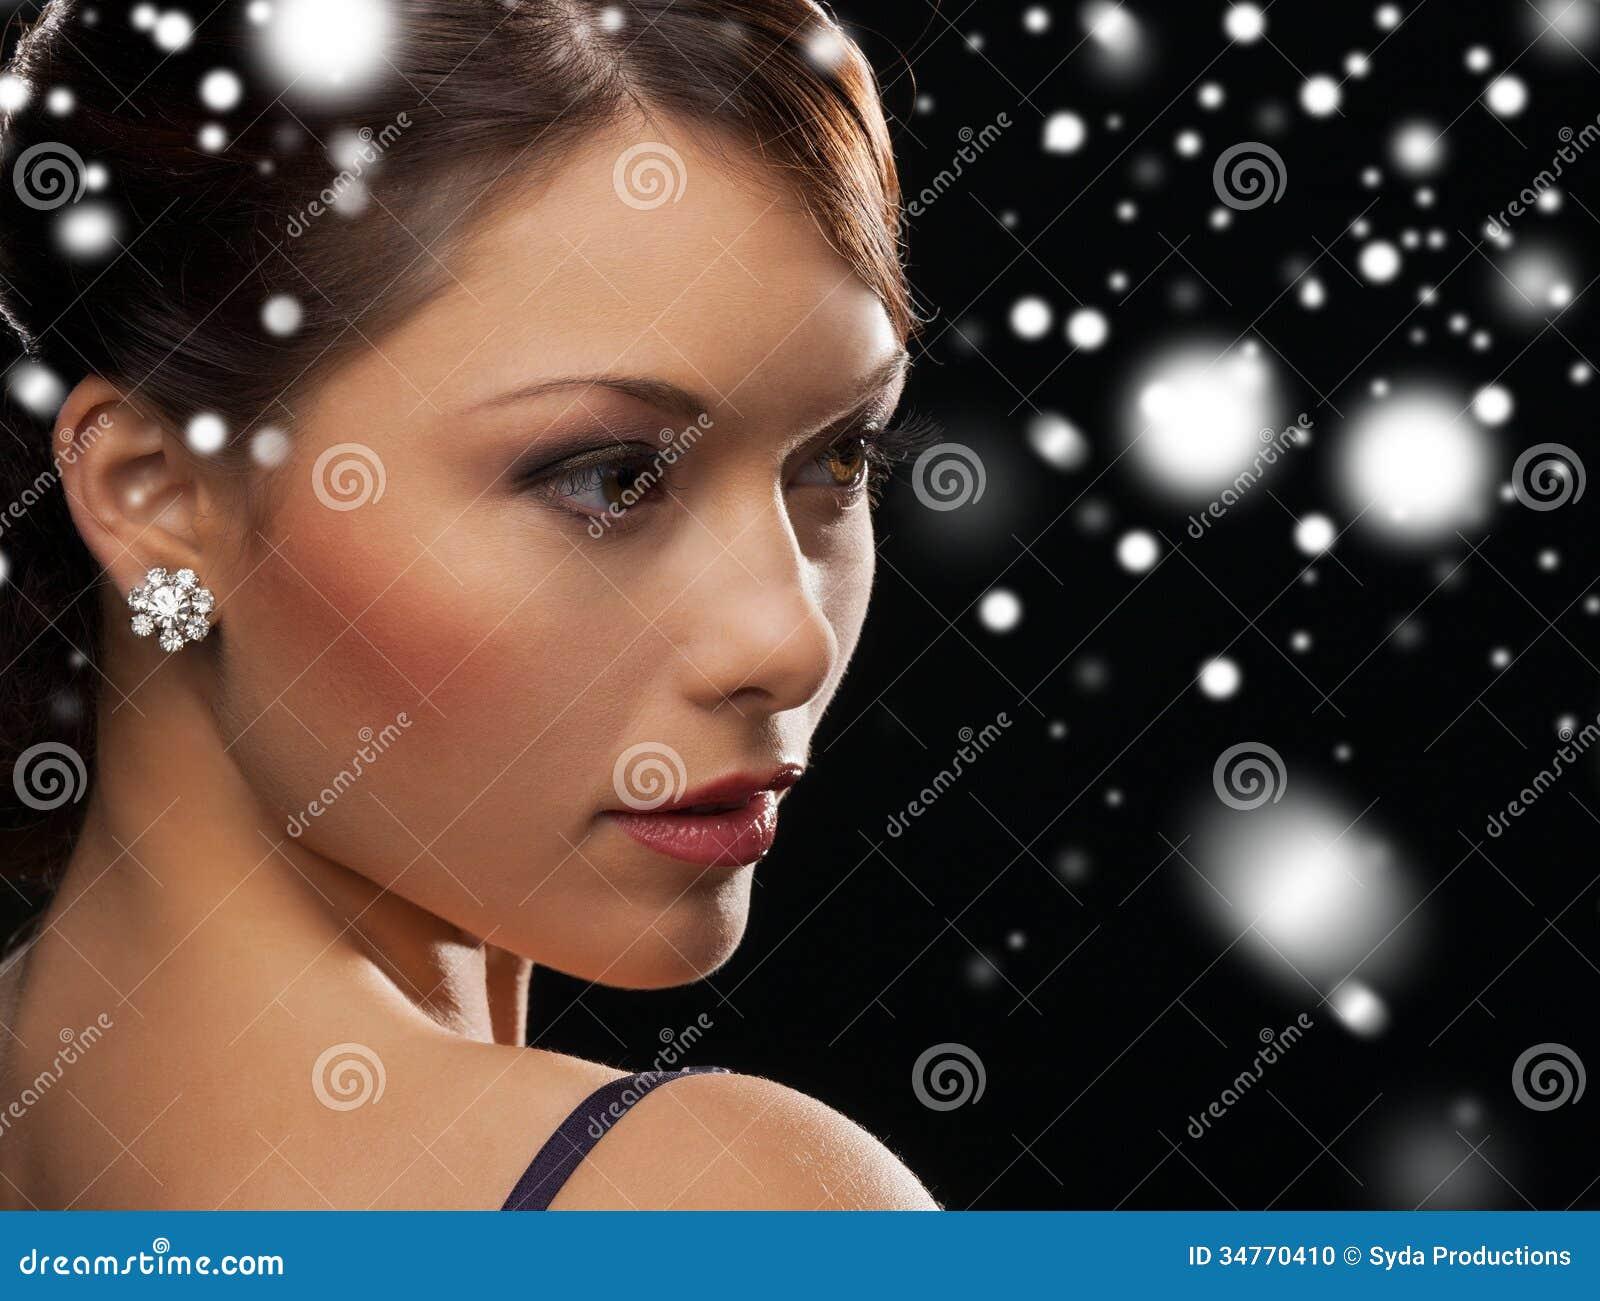 Woman In Evening Dress Wearing Diamond Earrings Stock ...